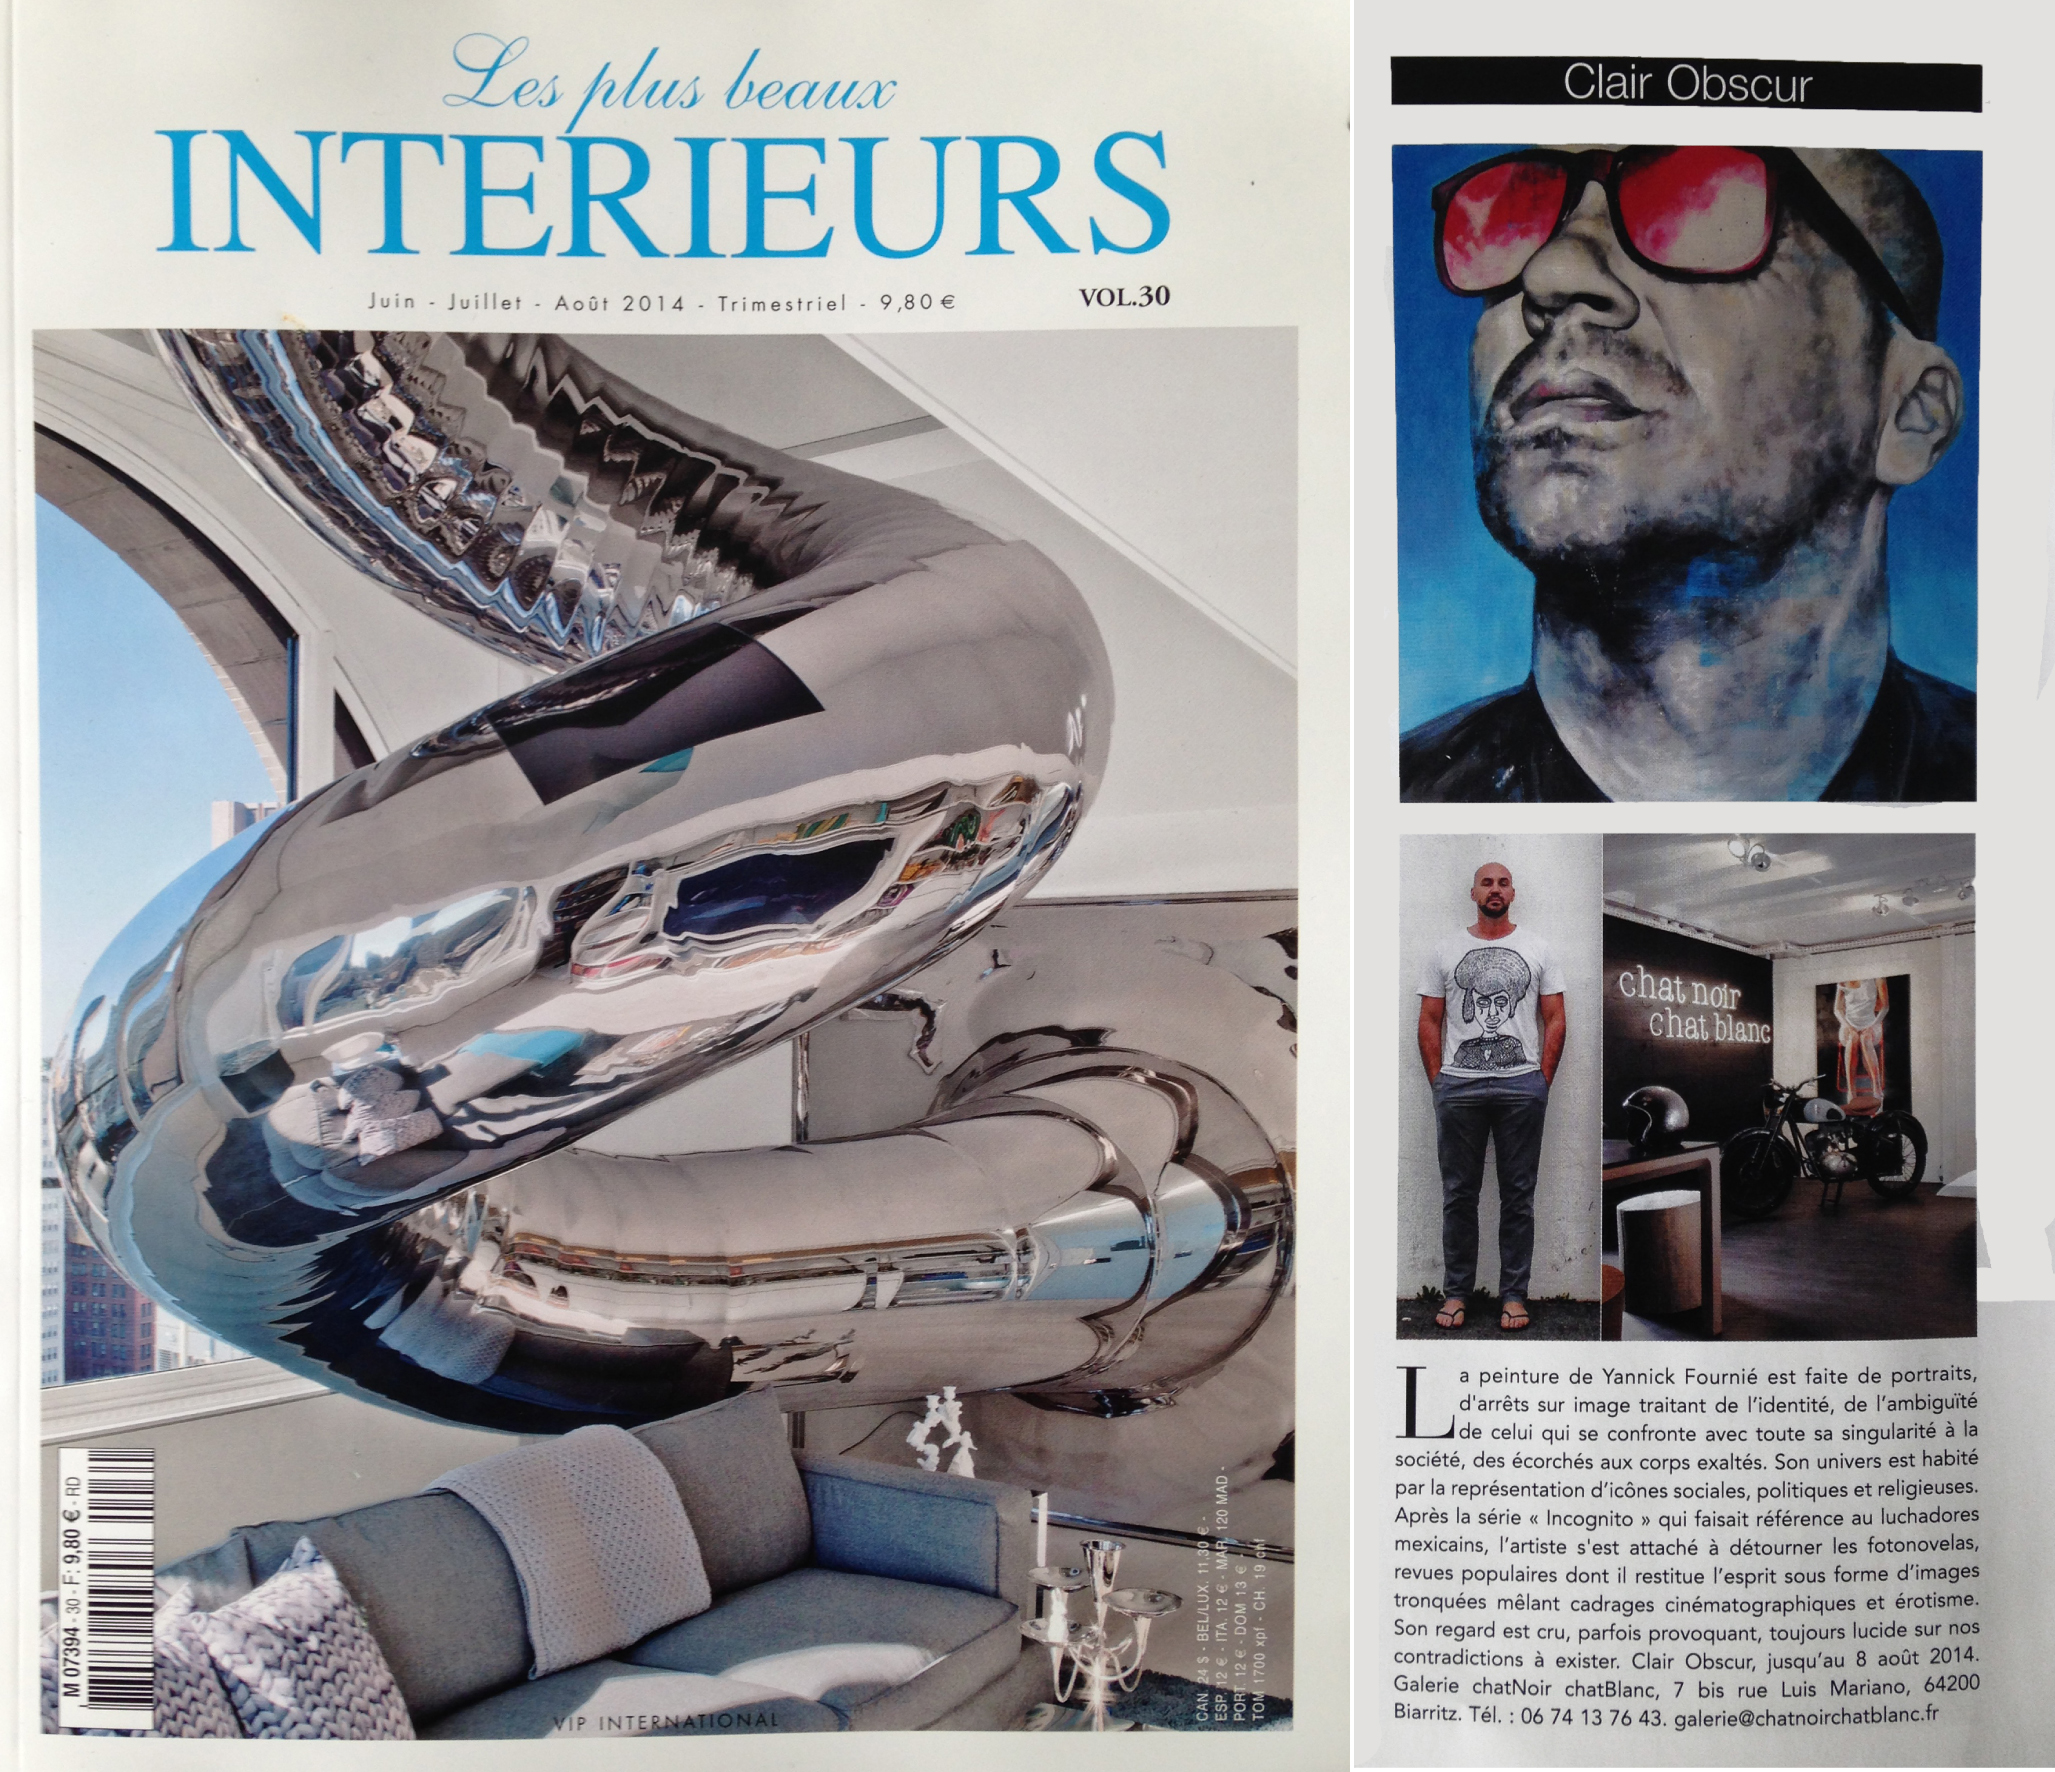 LES PB INTERIEURS / FRANCE / June 2014